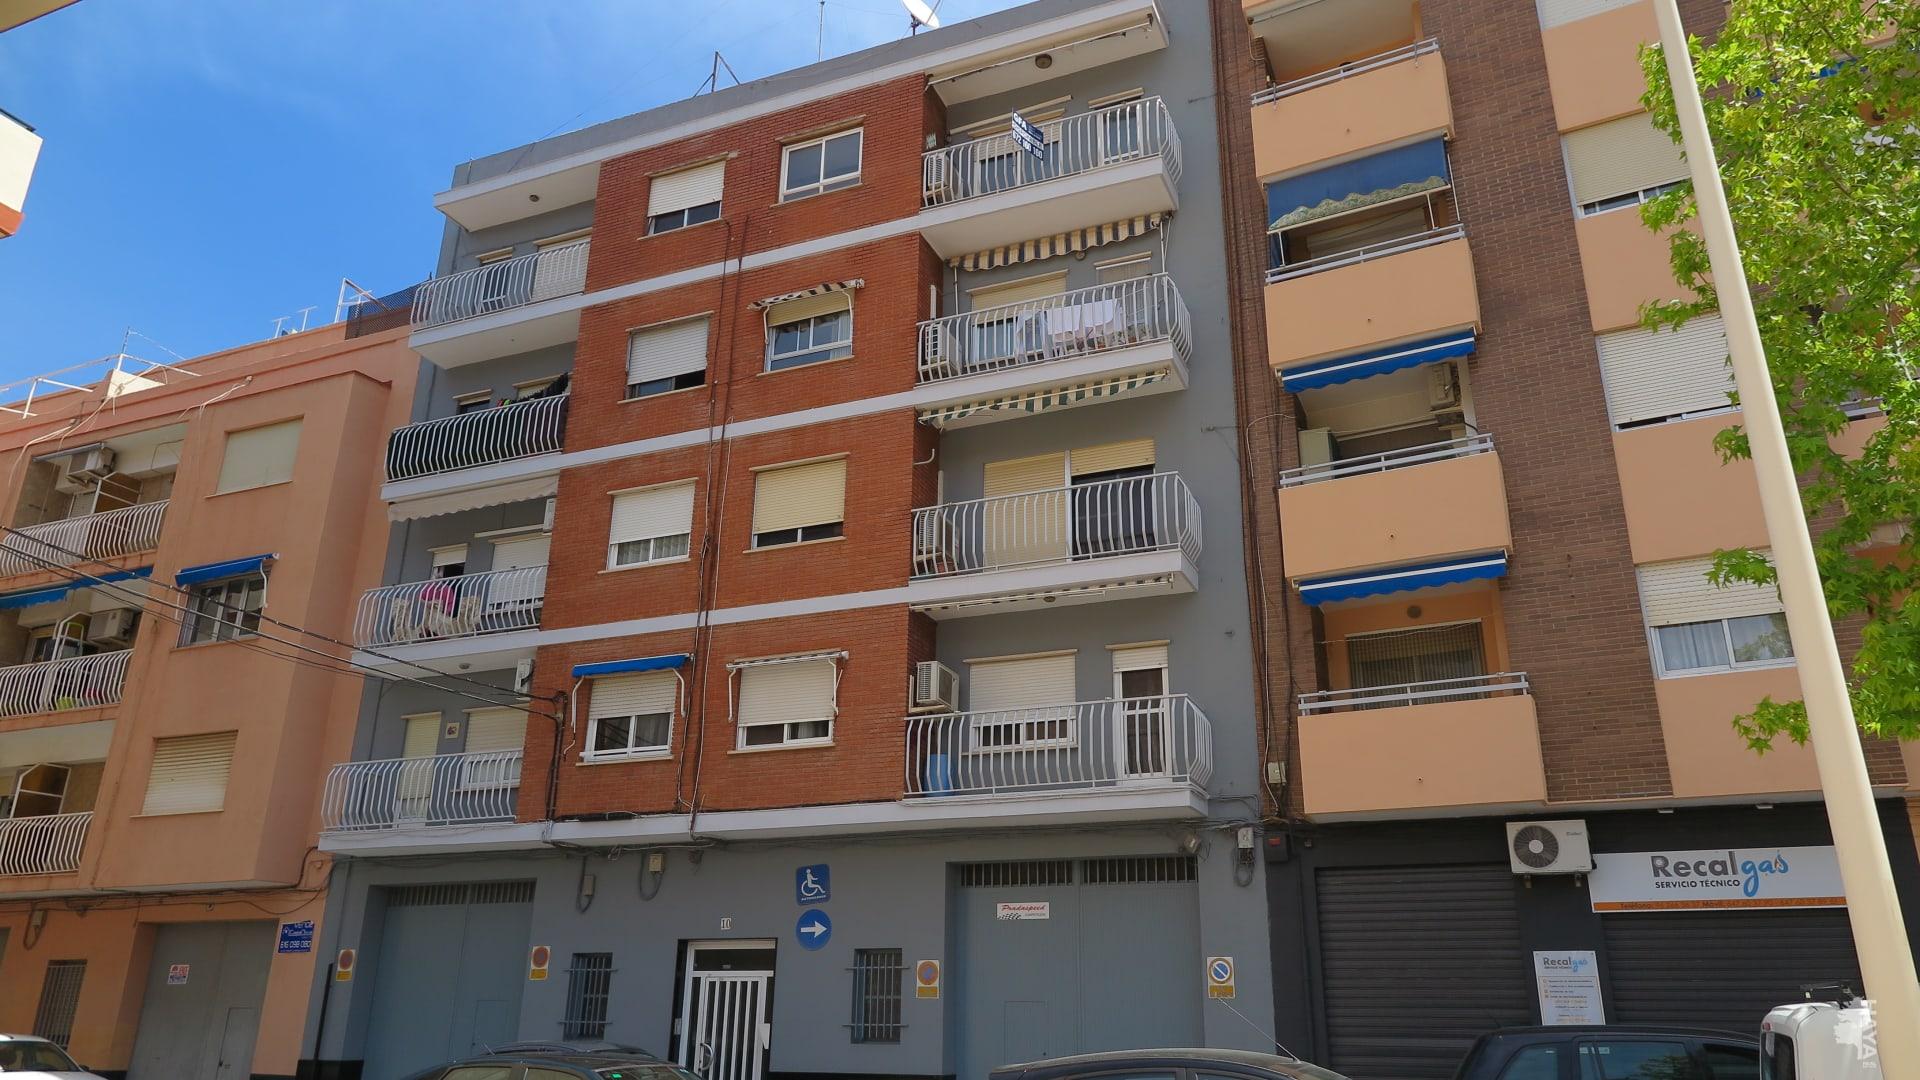 Piso en venta en Sagunto/sagunt, Valencia, Calle Estivella, 36.120 €, 3 habitaciones, 1 baño, 108 m2